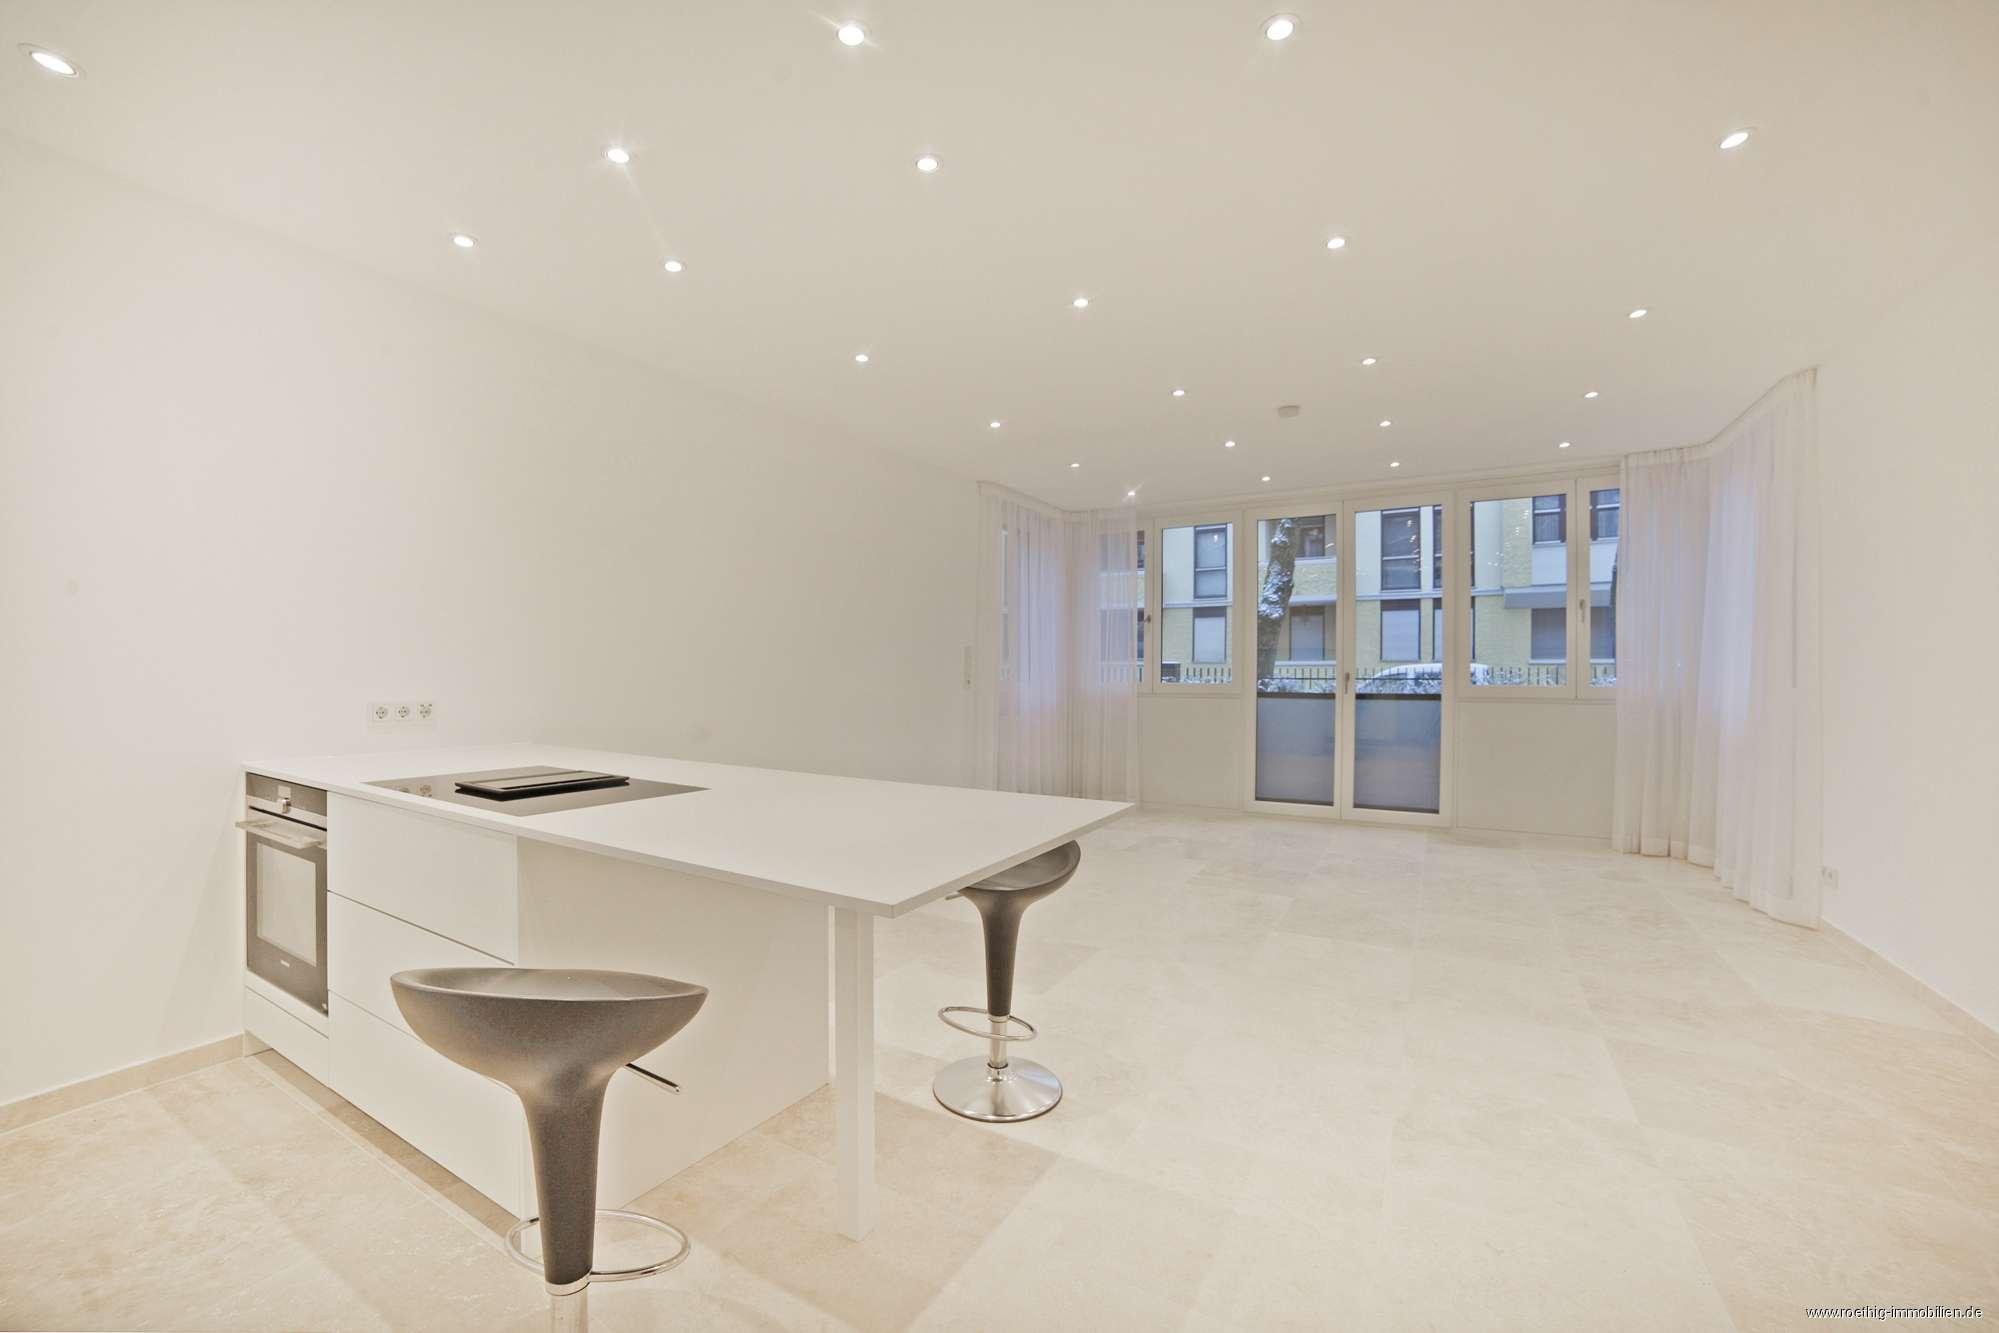 Luxuriös saniertes, großes Appartement in bester Lage im Herzogpark! Sofort bezugsfrei! EBK & Luxusb in Bogenhausen (München)